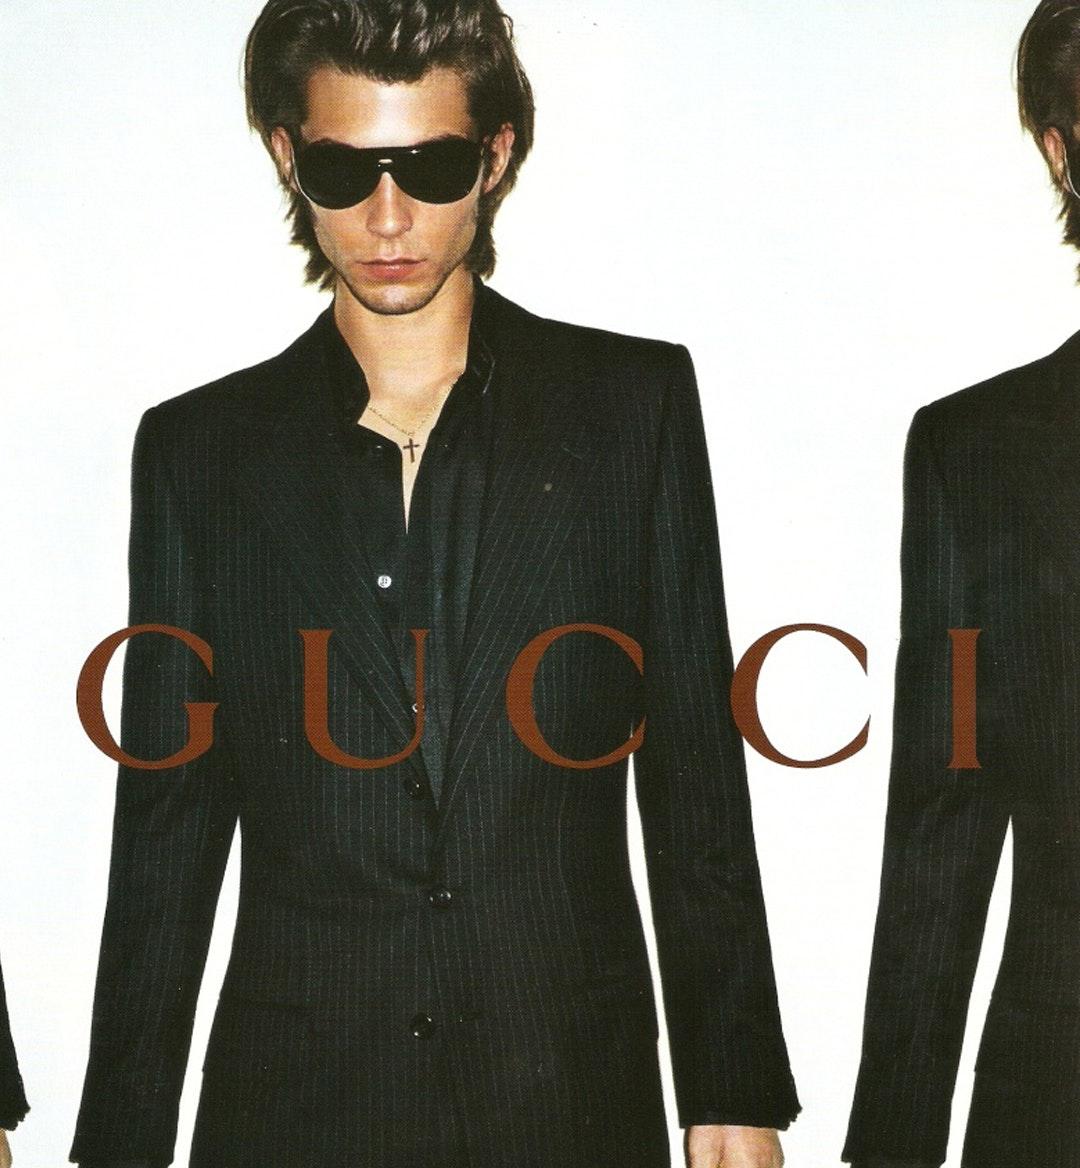 Gucci ad 2001 mobile